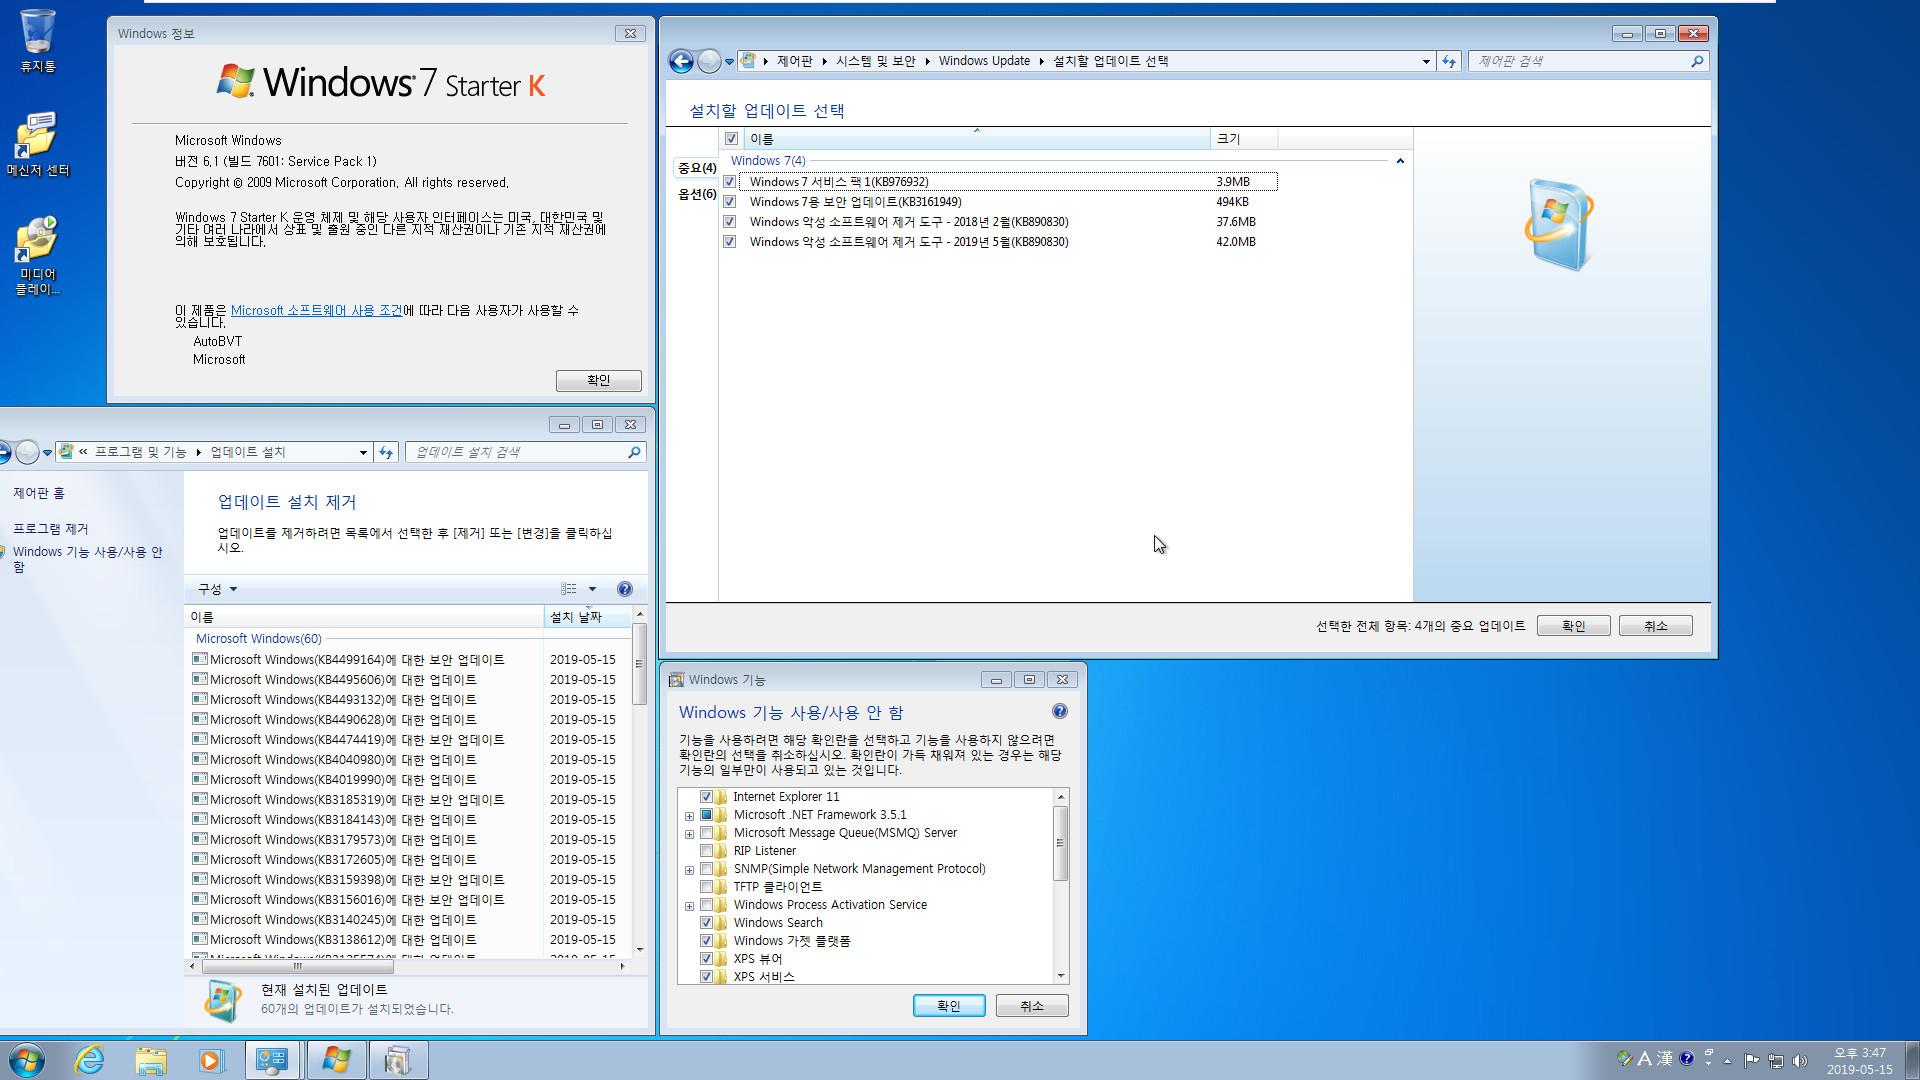 2019년 5월 15일 정기 업데이트 - Windows 7 롤업 업데이트 KB4499164 (OS 빌드 7601.24443) IE11 통합중 입니다 - 10번창만 업데이트 통합되지 않아서 다시 통합 합니다 2019-05-15_154736.jpg